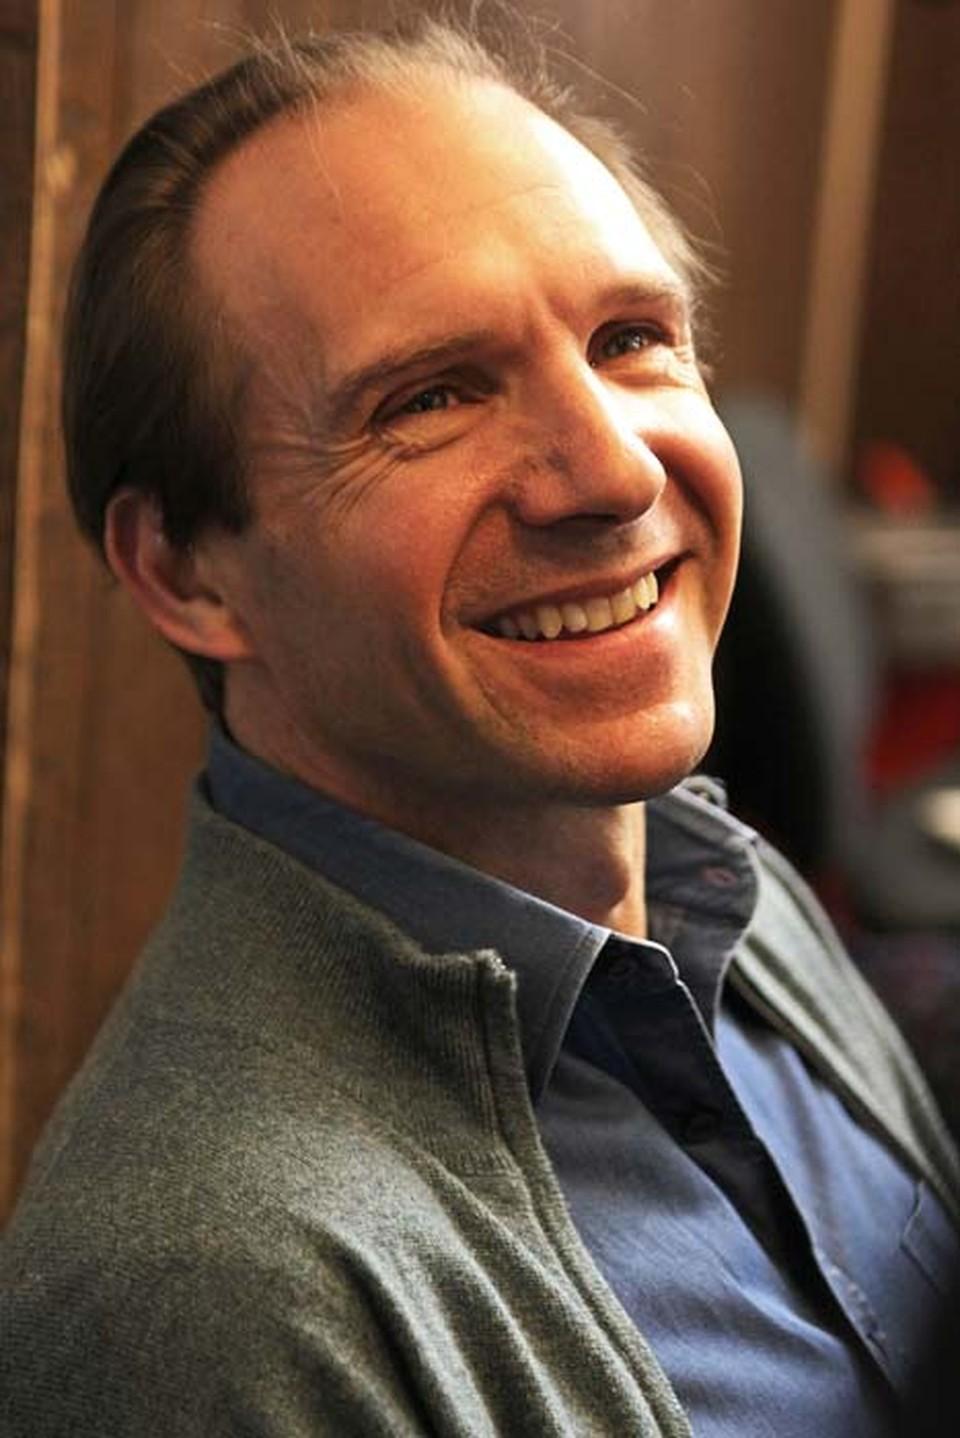 Почетным гостем конференции был актер и режиссер Рэйф Файнс